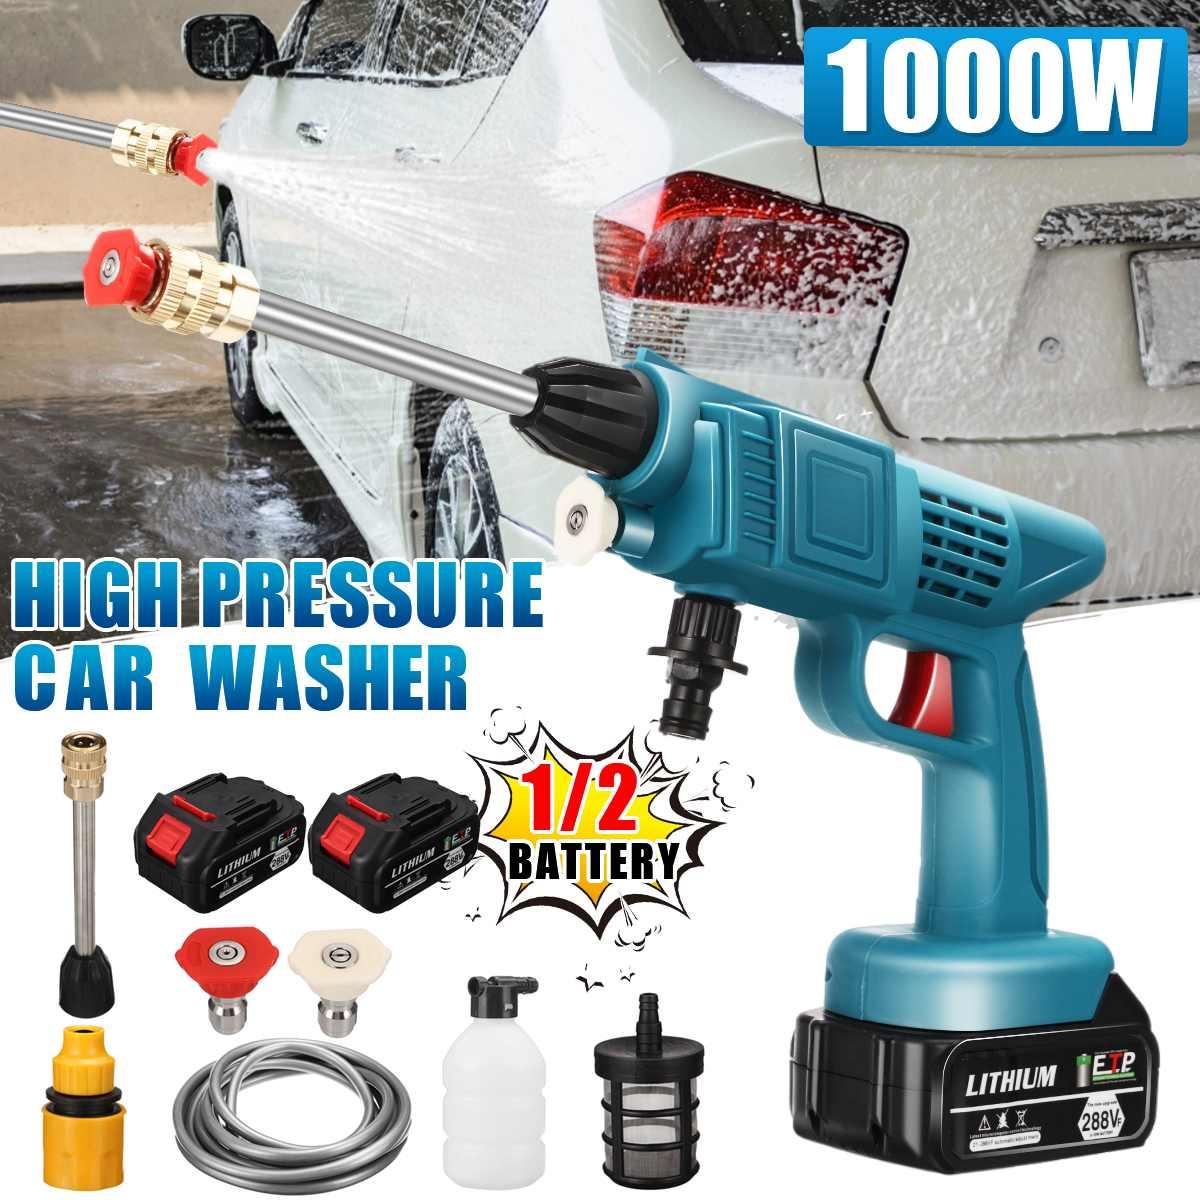 1000 واط سيارة لاسلكية ارتفاع ضغط غسالة 70bar 20000mah الكهربائية المحمولة آلة غسل سيارات حديقة غسل رذاذ الماء بندقية